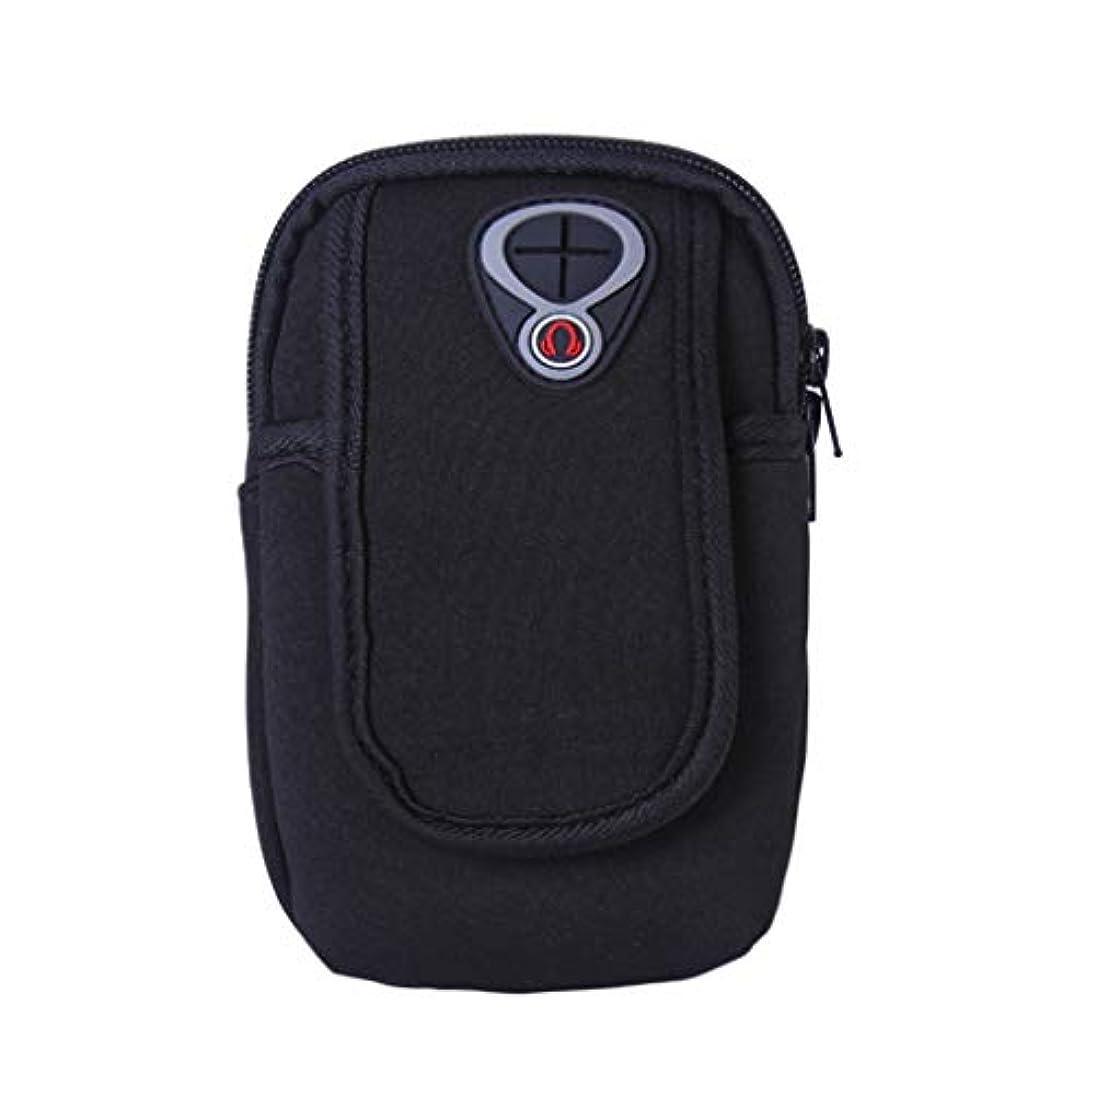 尋ねる伝記化学薬品スマートフォンホルダー 携帯ケース YOKINO 通気性抜群 小物収納 防水防汗 軽量 縫い目なし 調節可能 男女共用